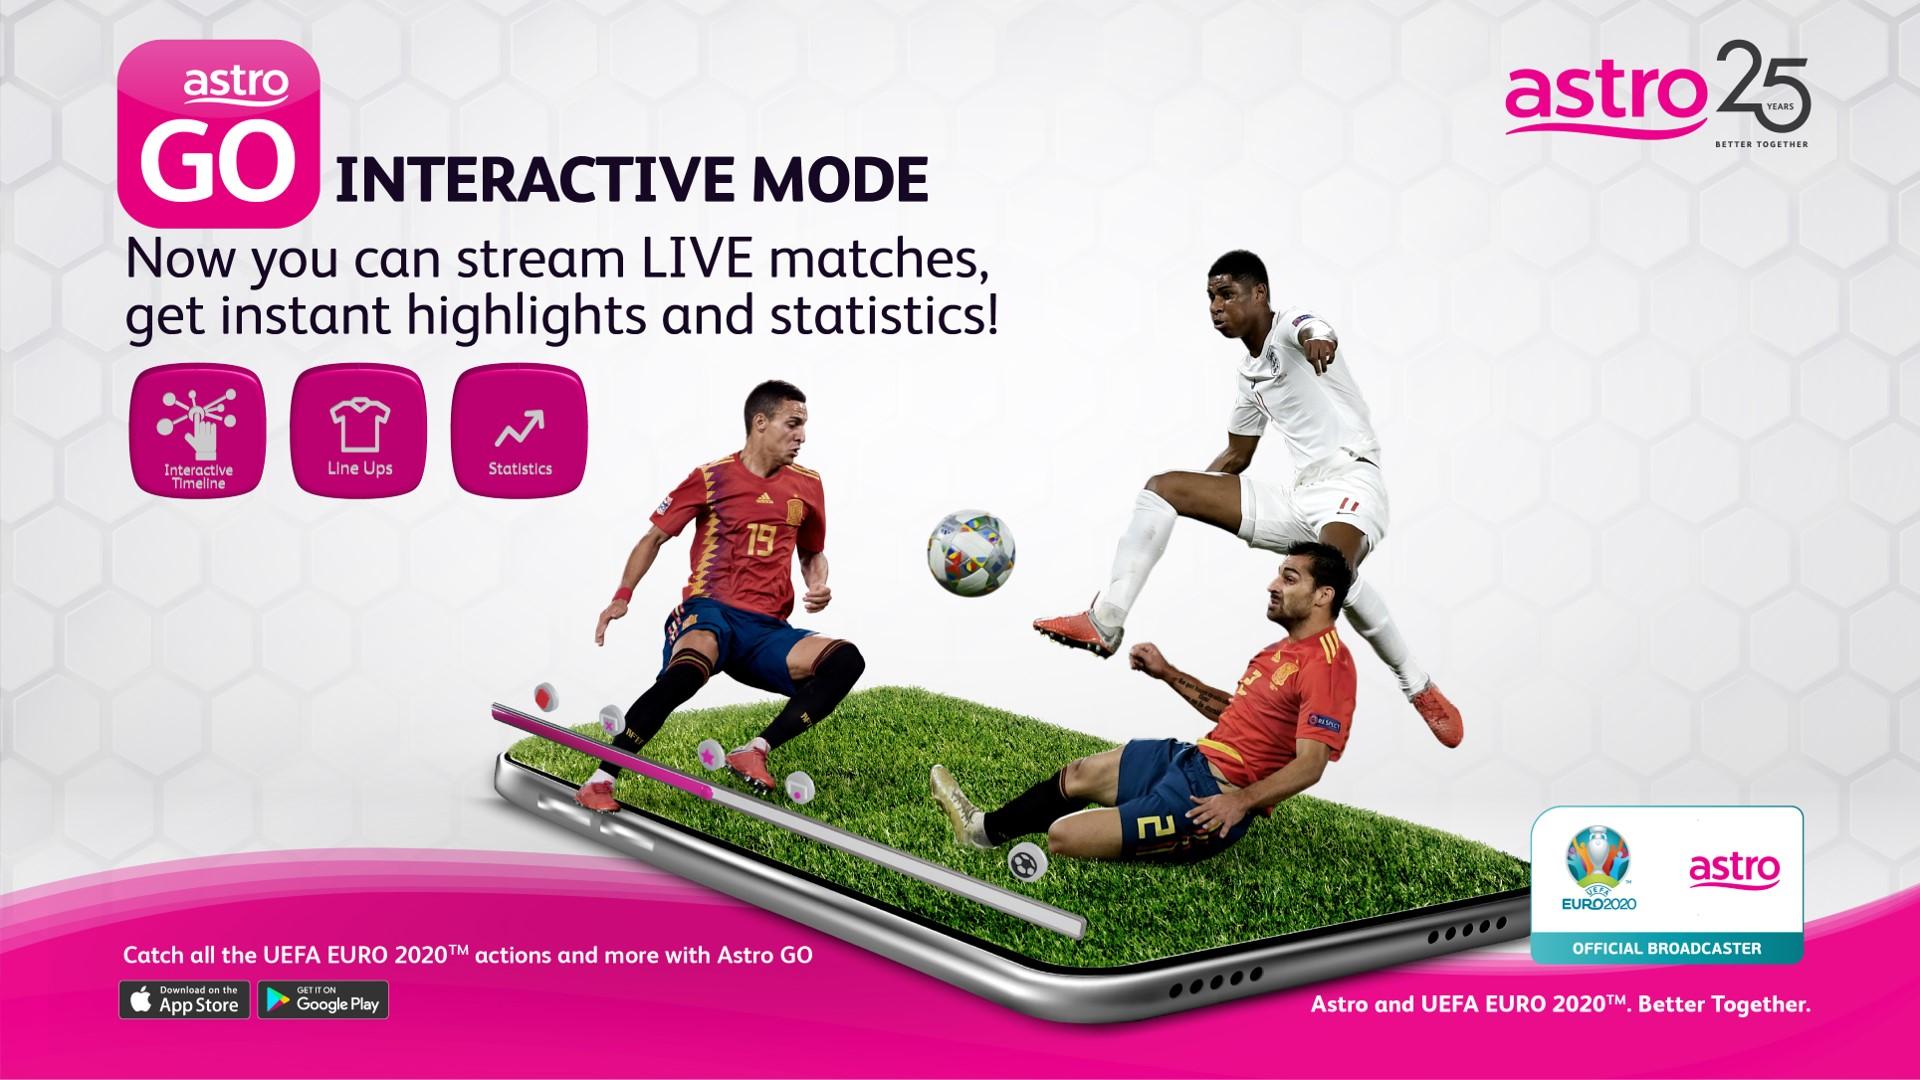 Astro GO Interactive Mode